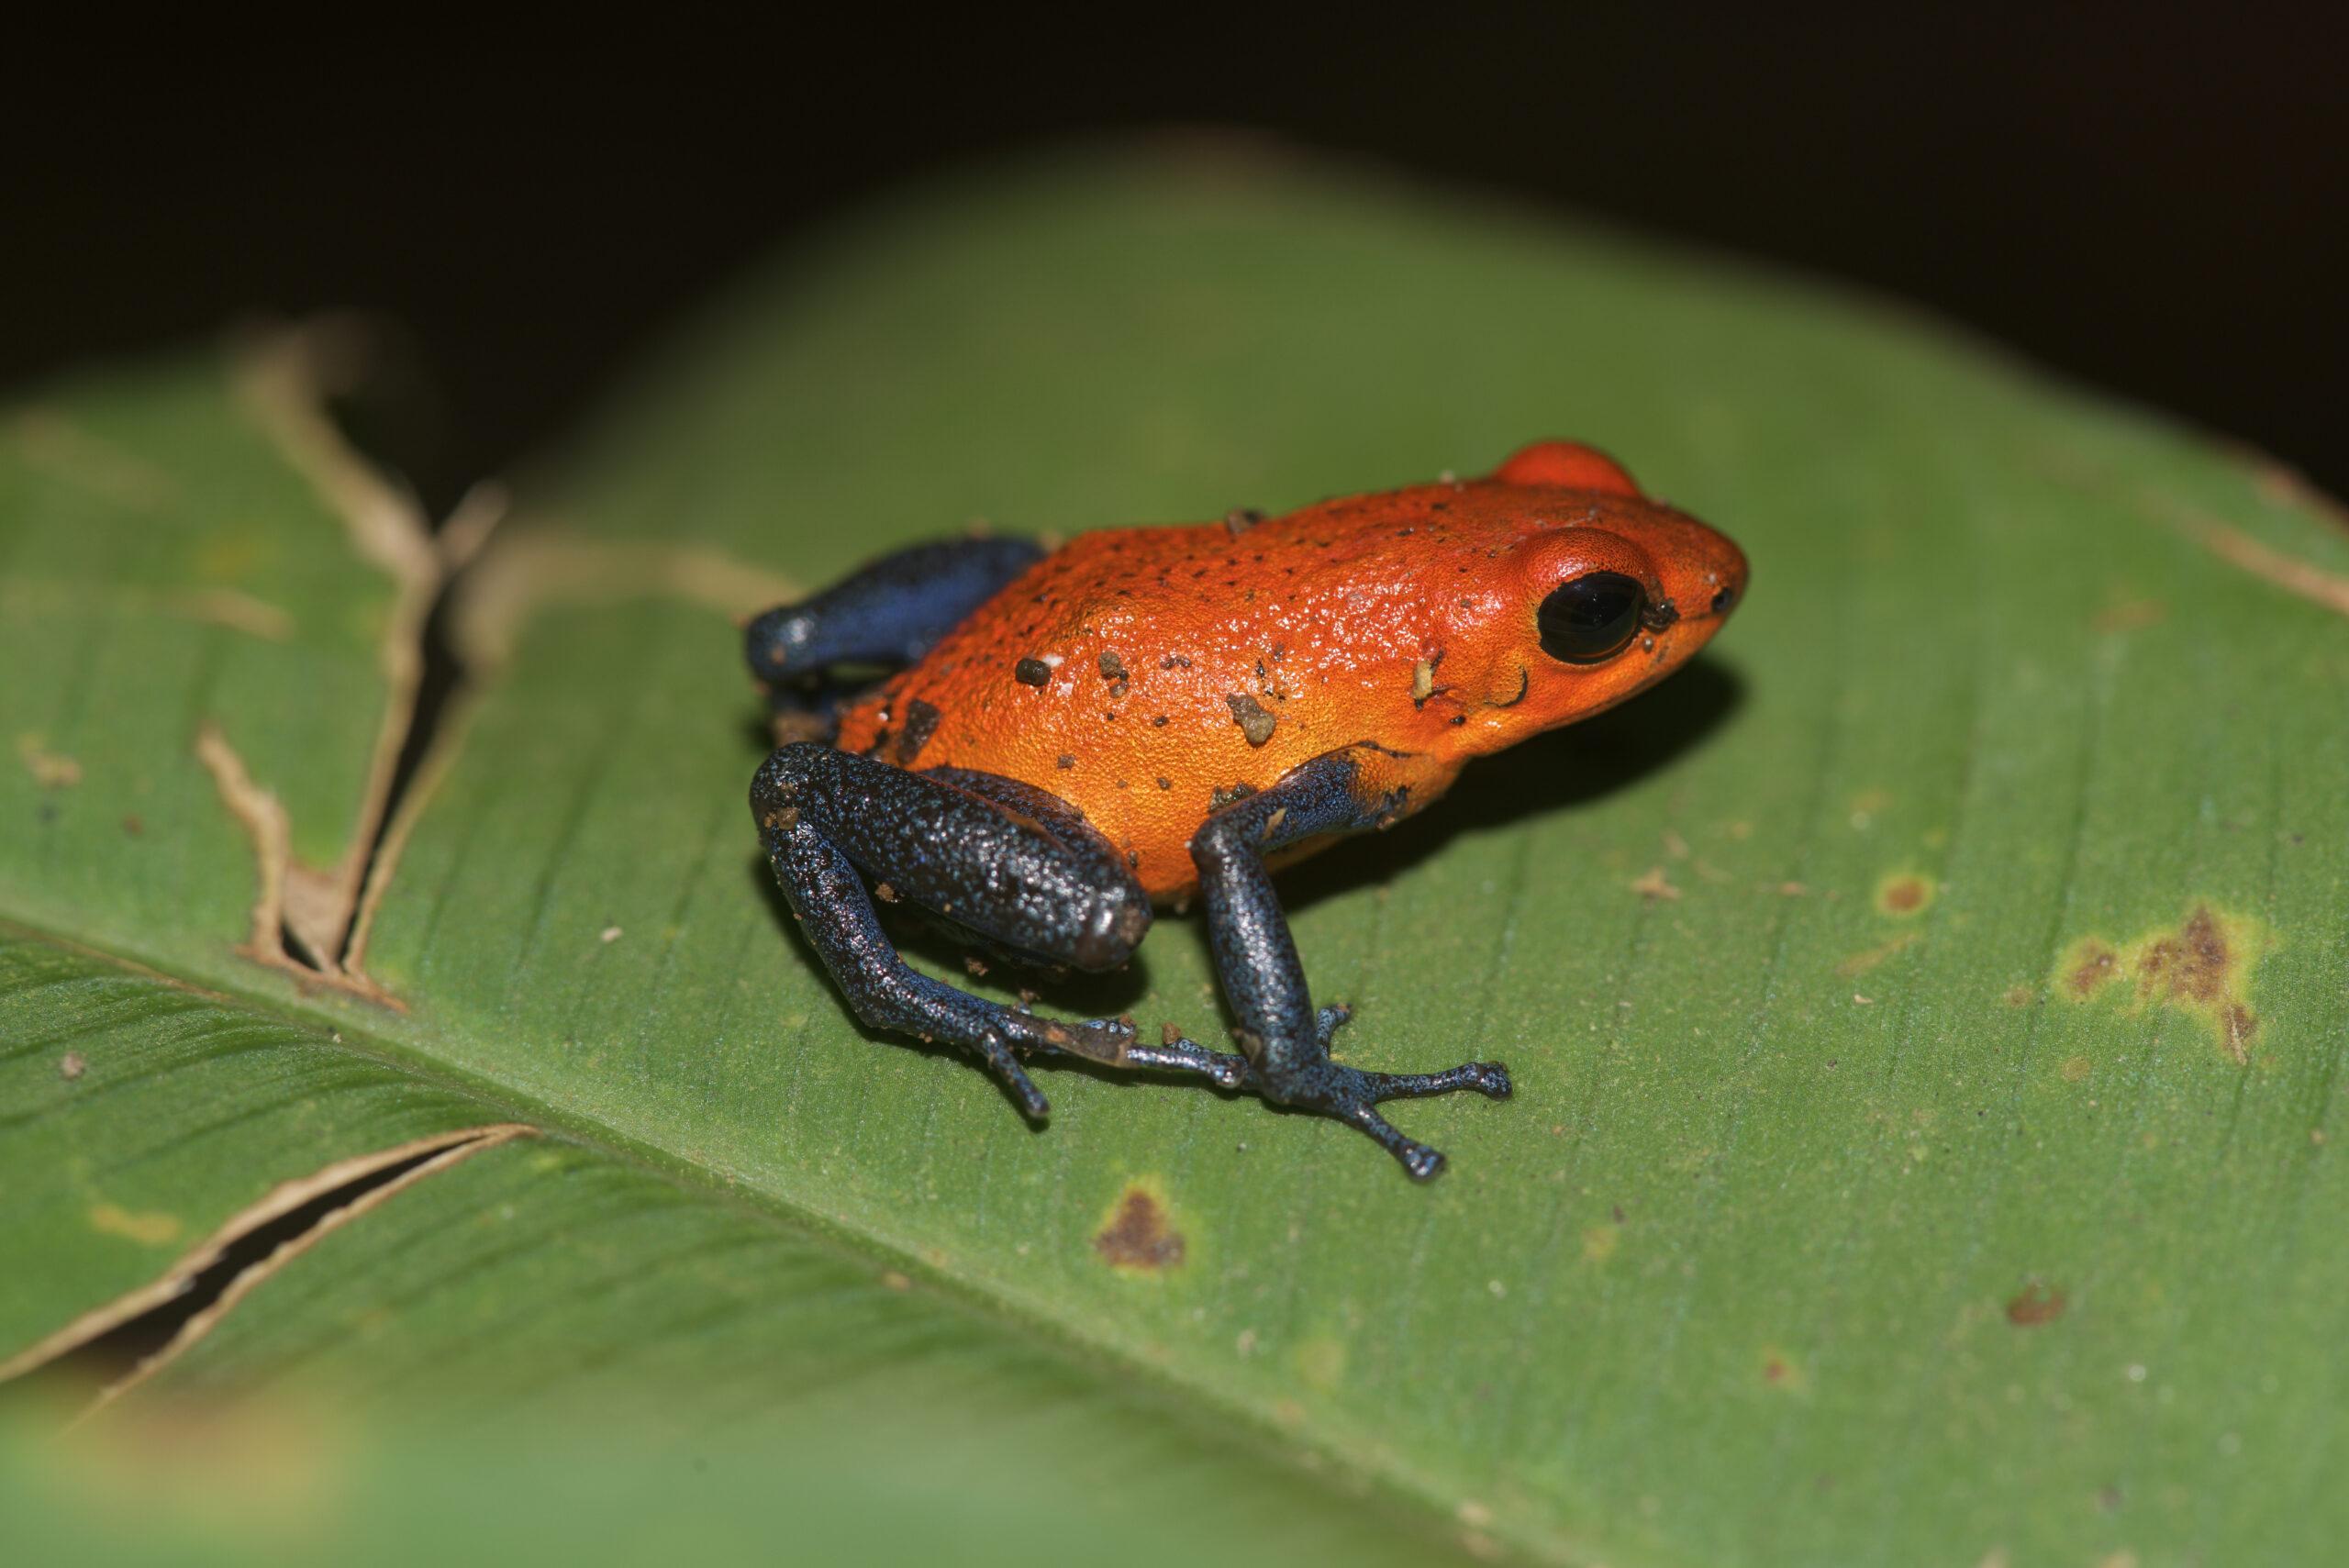 Oophaga pumilio from Fortuna, Costa Rica - by E. Van Heygen.